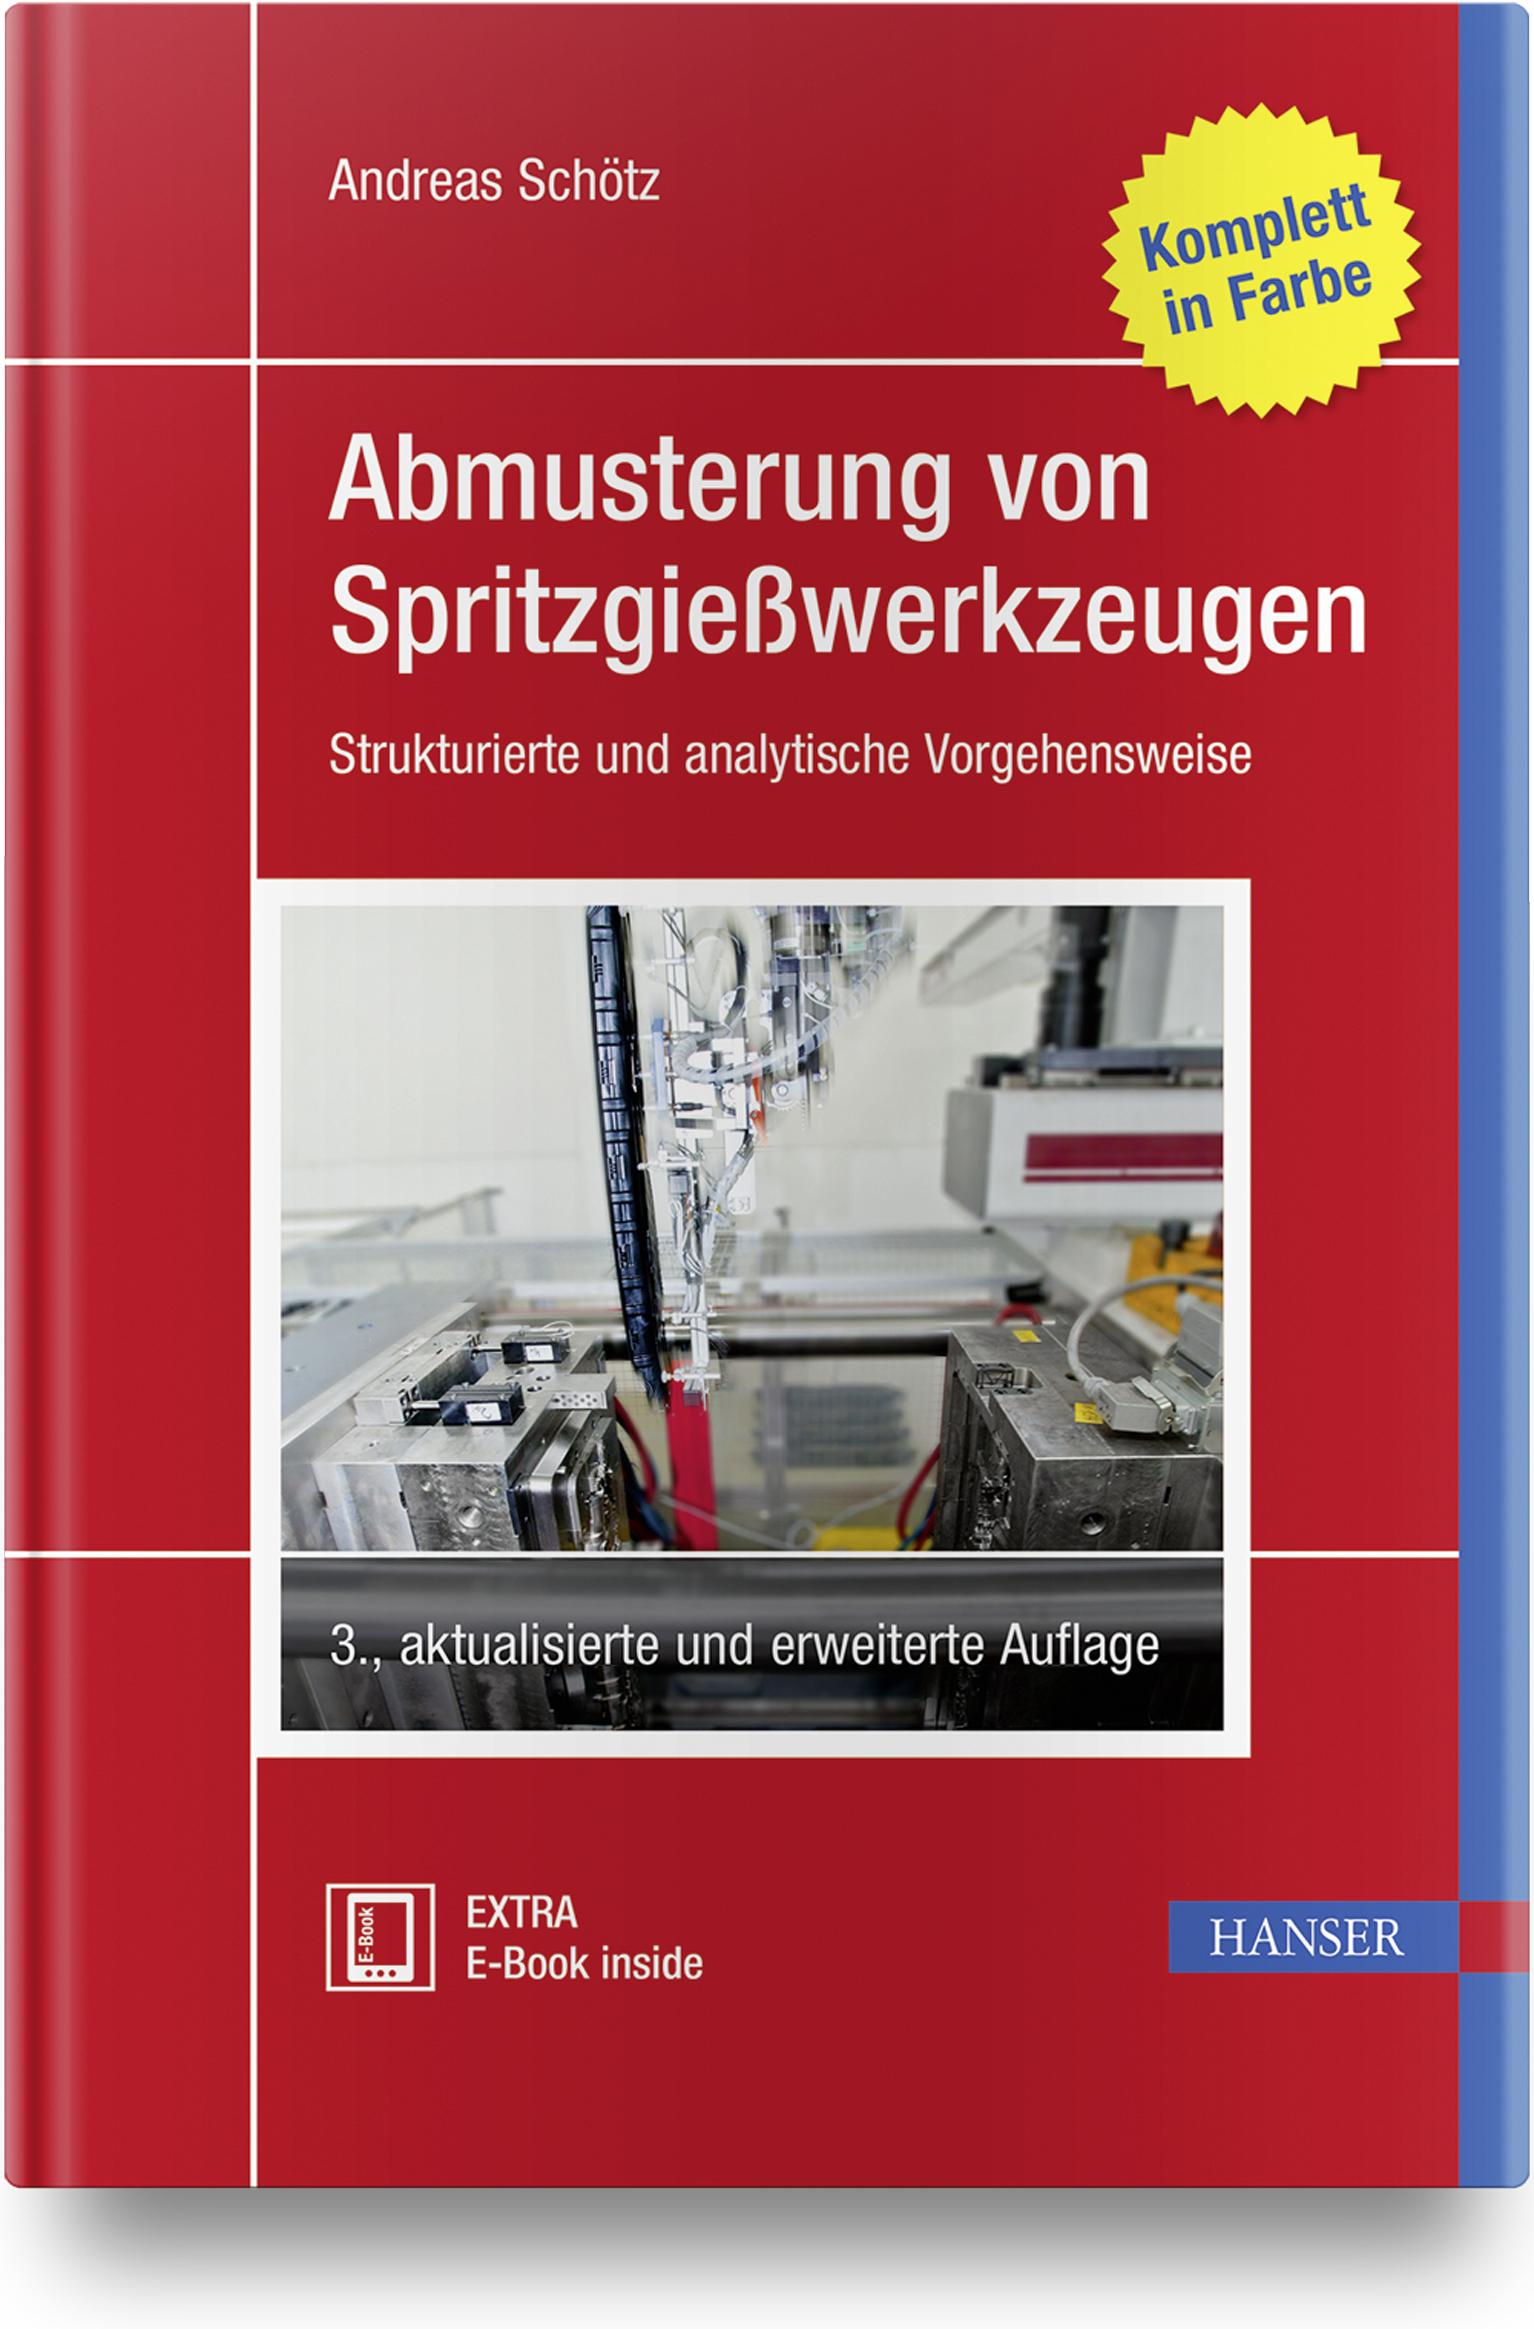 Schötz, Abmusterung von Spritzgießwerkzeugen, 978-3-446-46131-4